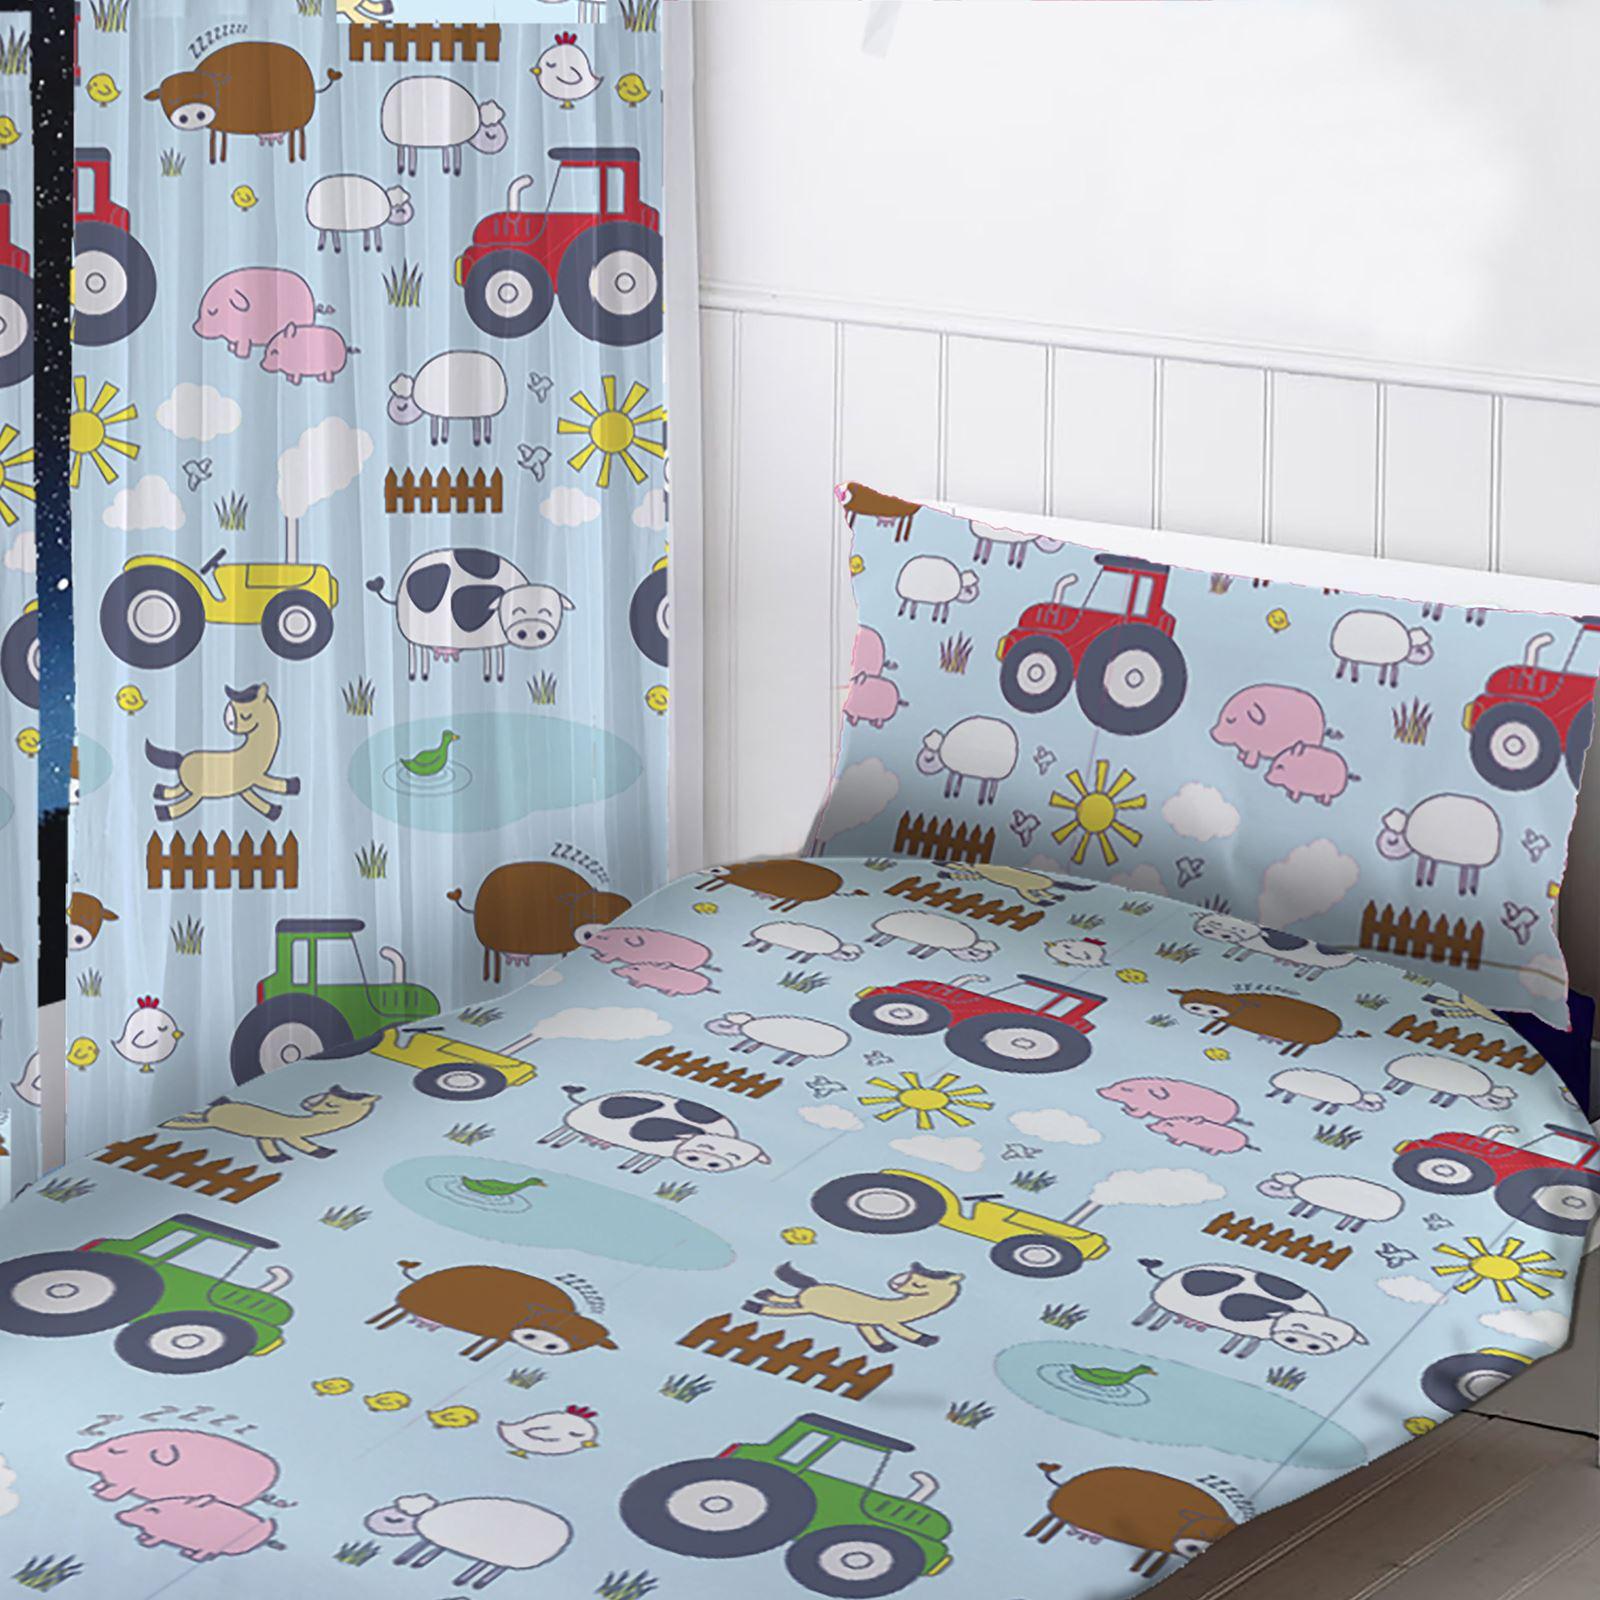 Jungen kinder schlafzimmer gardinen 137cm 183cm armee for Gardinen kinder